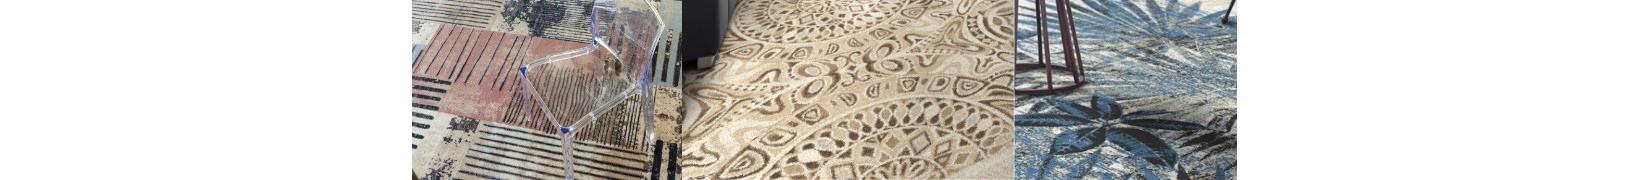 Dywany wełniane do salonu w kształcie koła | ŚliczneDywany.pl